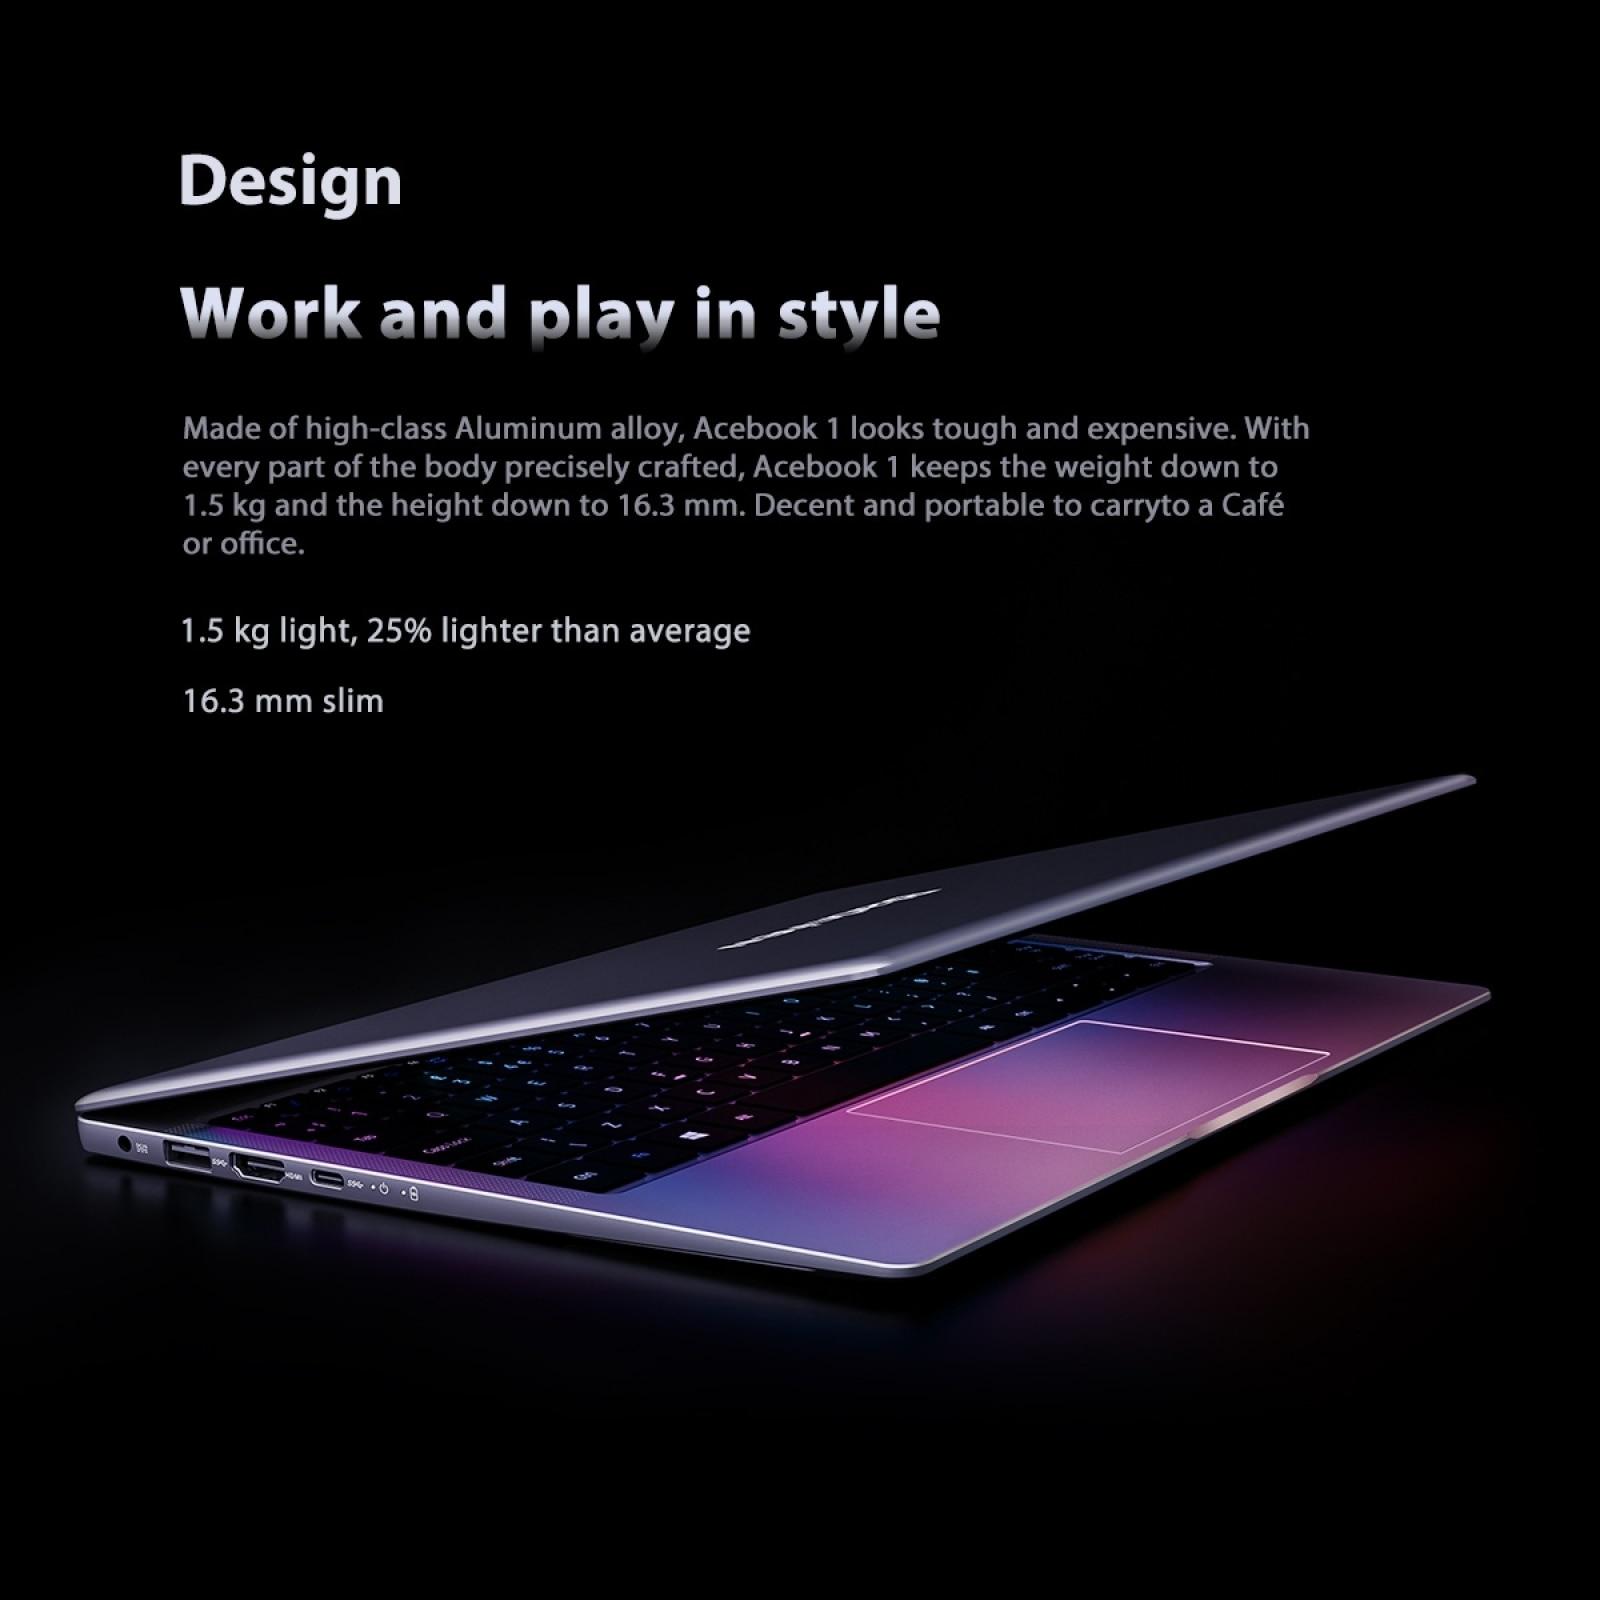 Blackview Acebook 1 Laptop 14 inch IPS 1920*1080 Display Windows 10 4GB+128GB SSD Intel Gemini Lake N4120 Notebook Computer